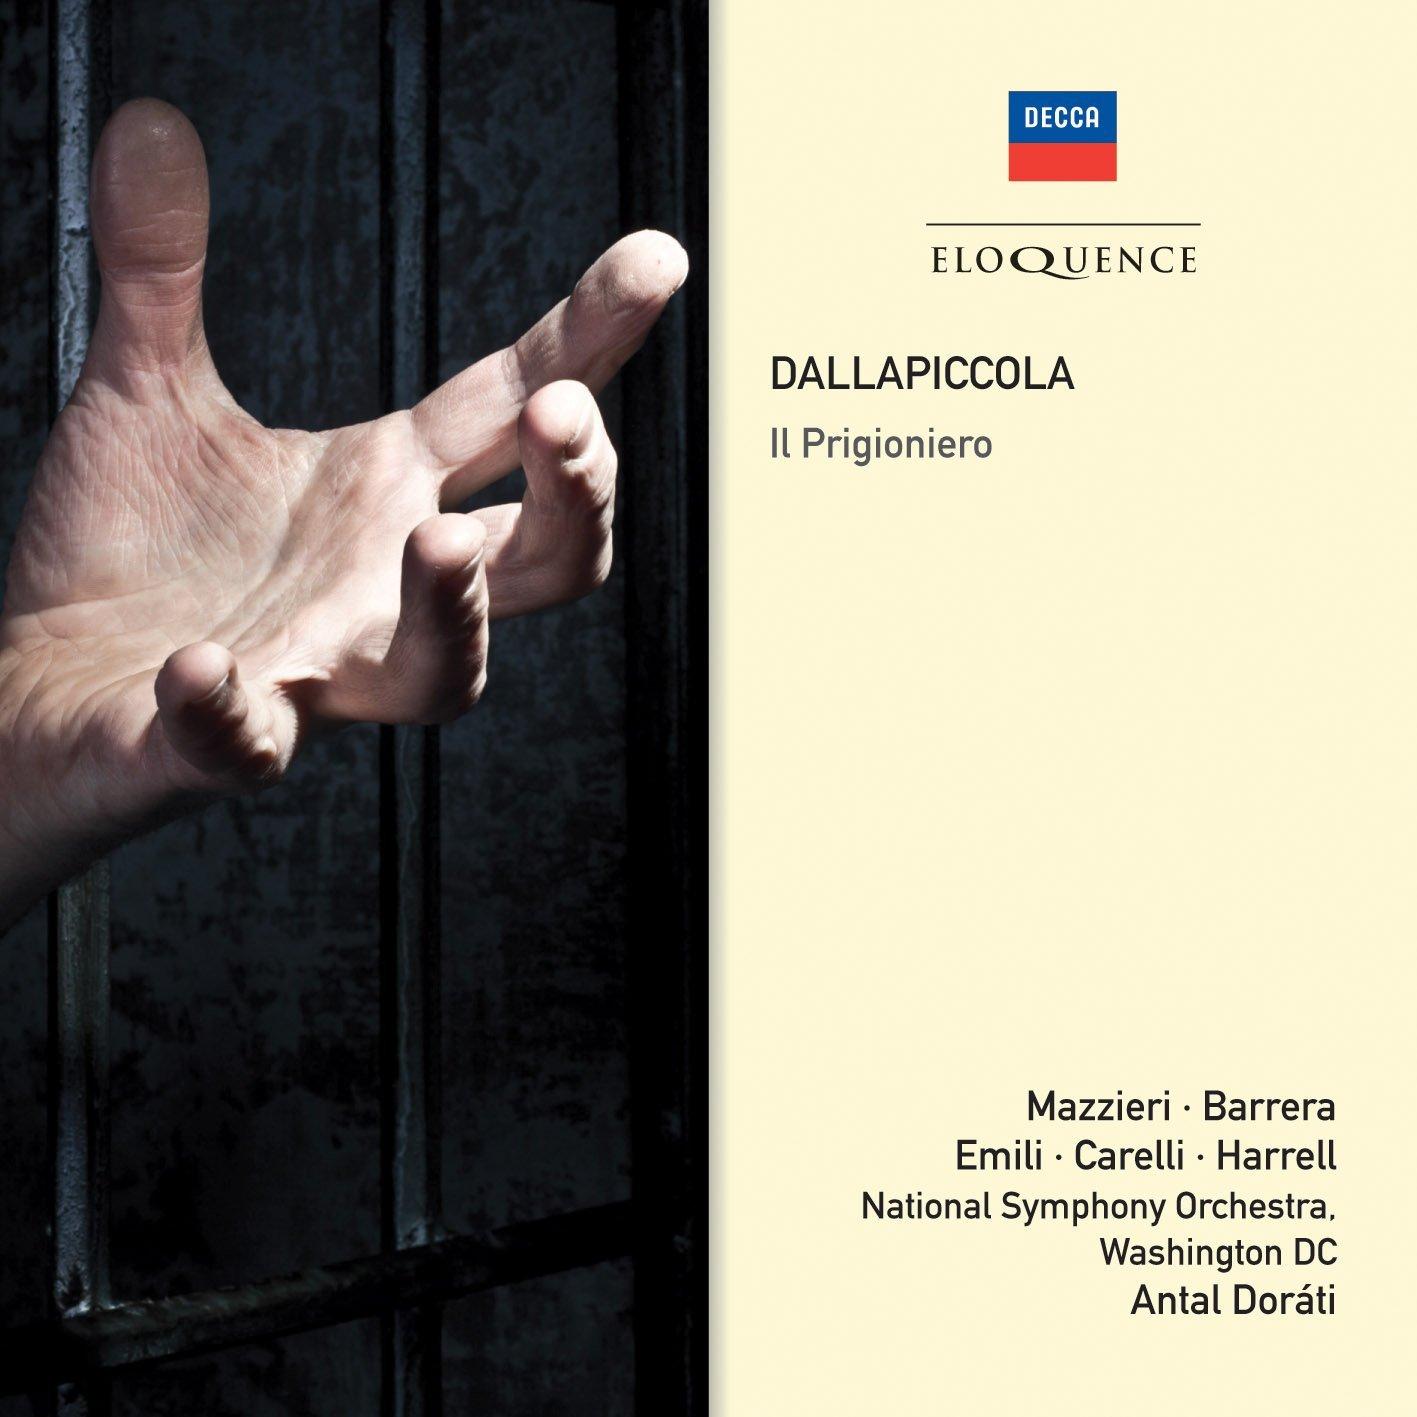 cover decca prigioniero eloquence